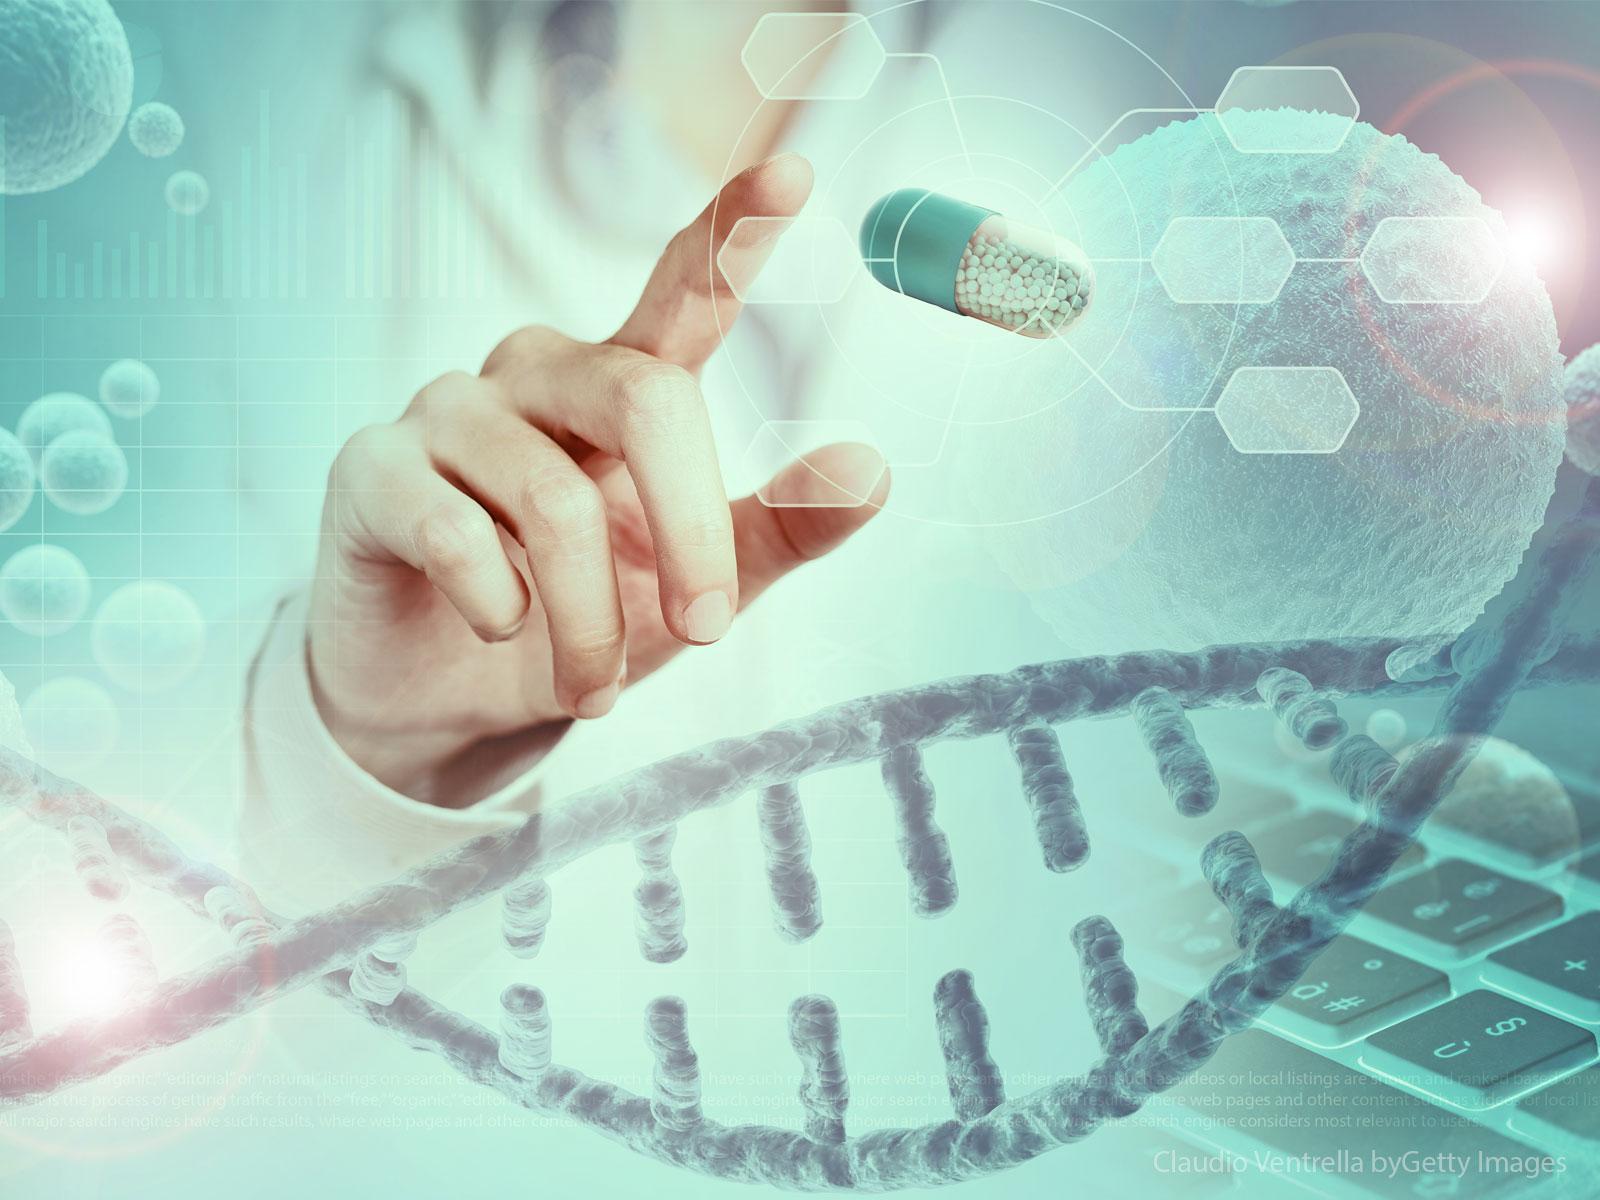 Como é o debate e a presença da Igreja nos debates sobre bioética?